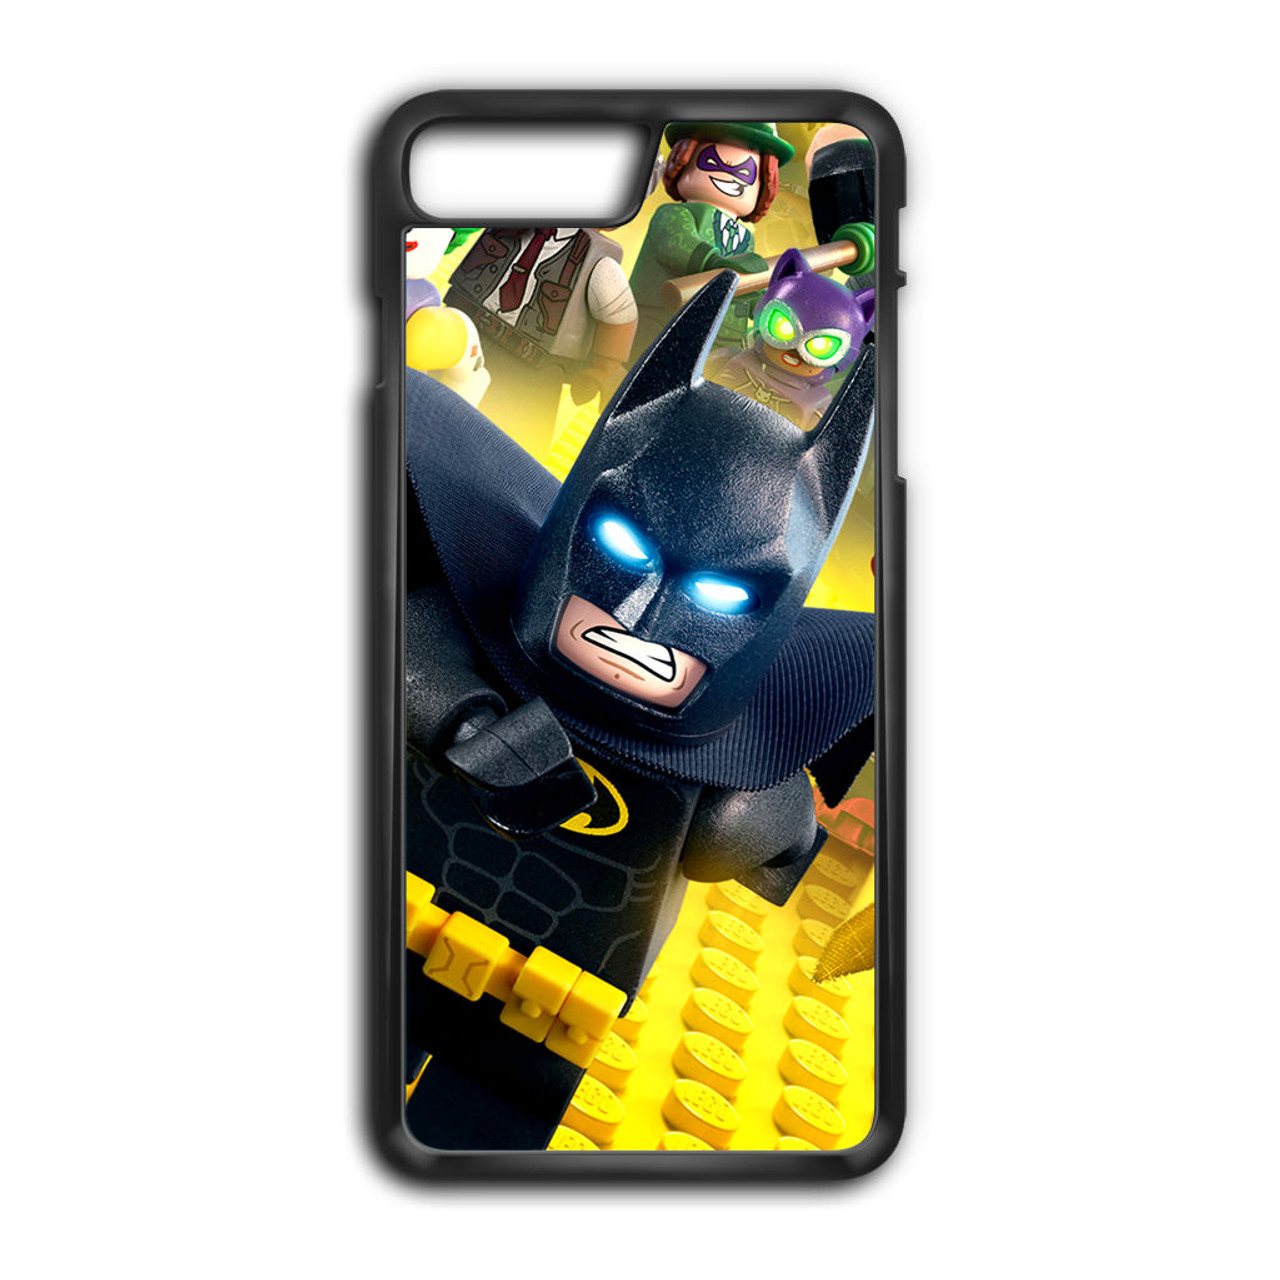 new concept 5956d 35547 The Lego Batman Robin iPhone 8 Plus Case